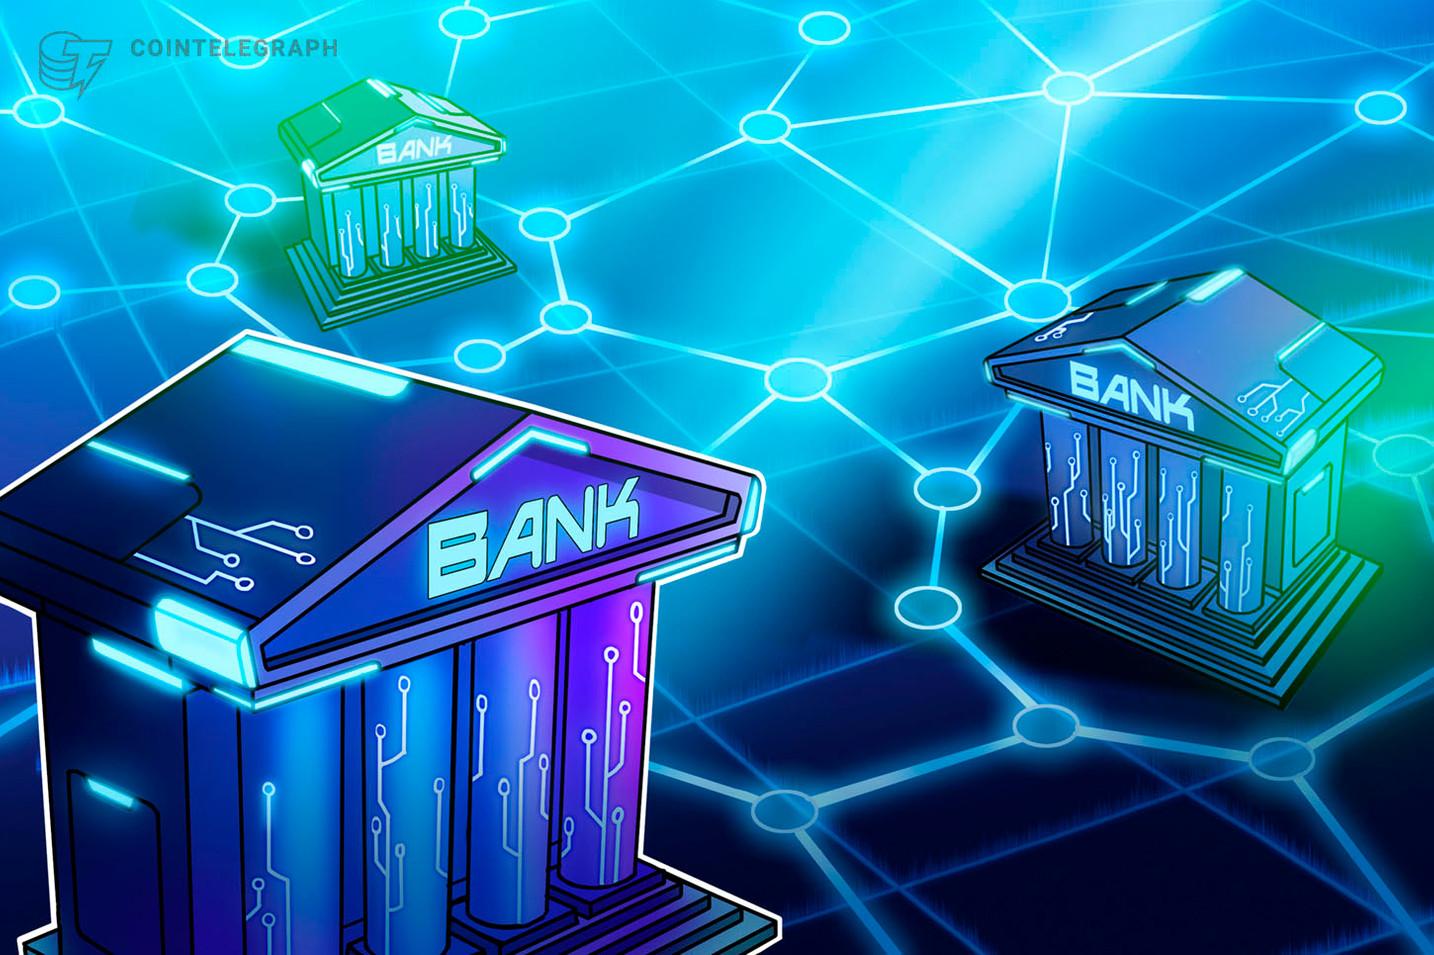 Associazione delle Banche Tedesche: potrebbero essere necessarie nuove regolamentazioni per azioni basate su blockchain